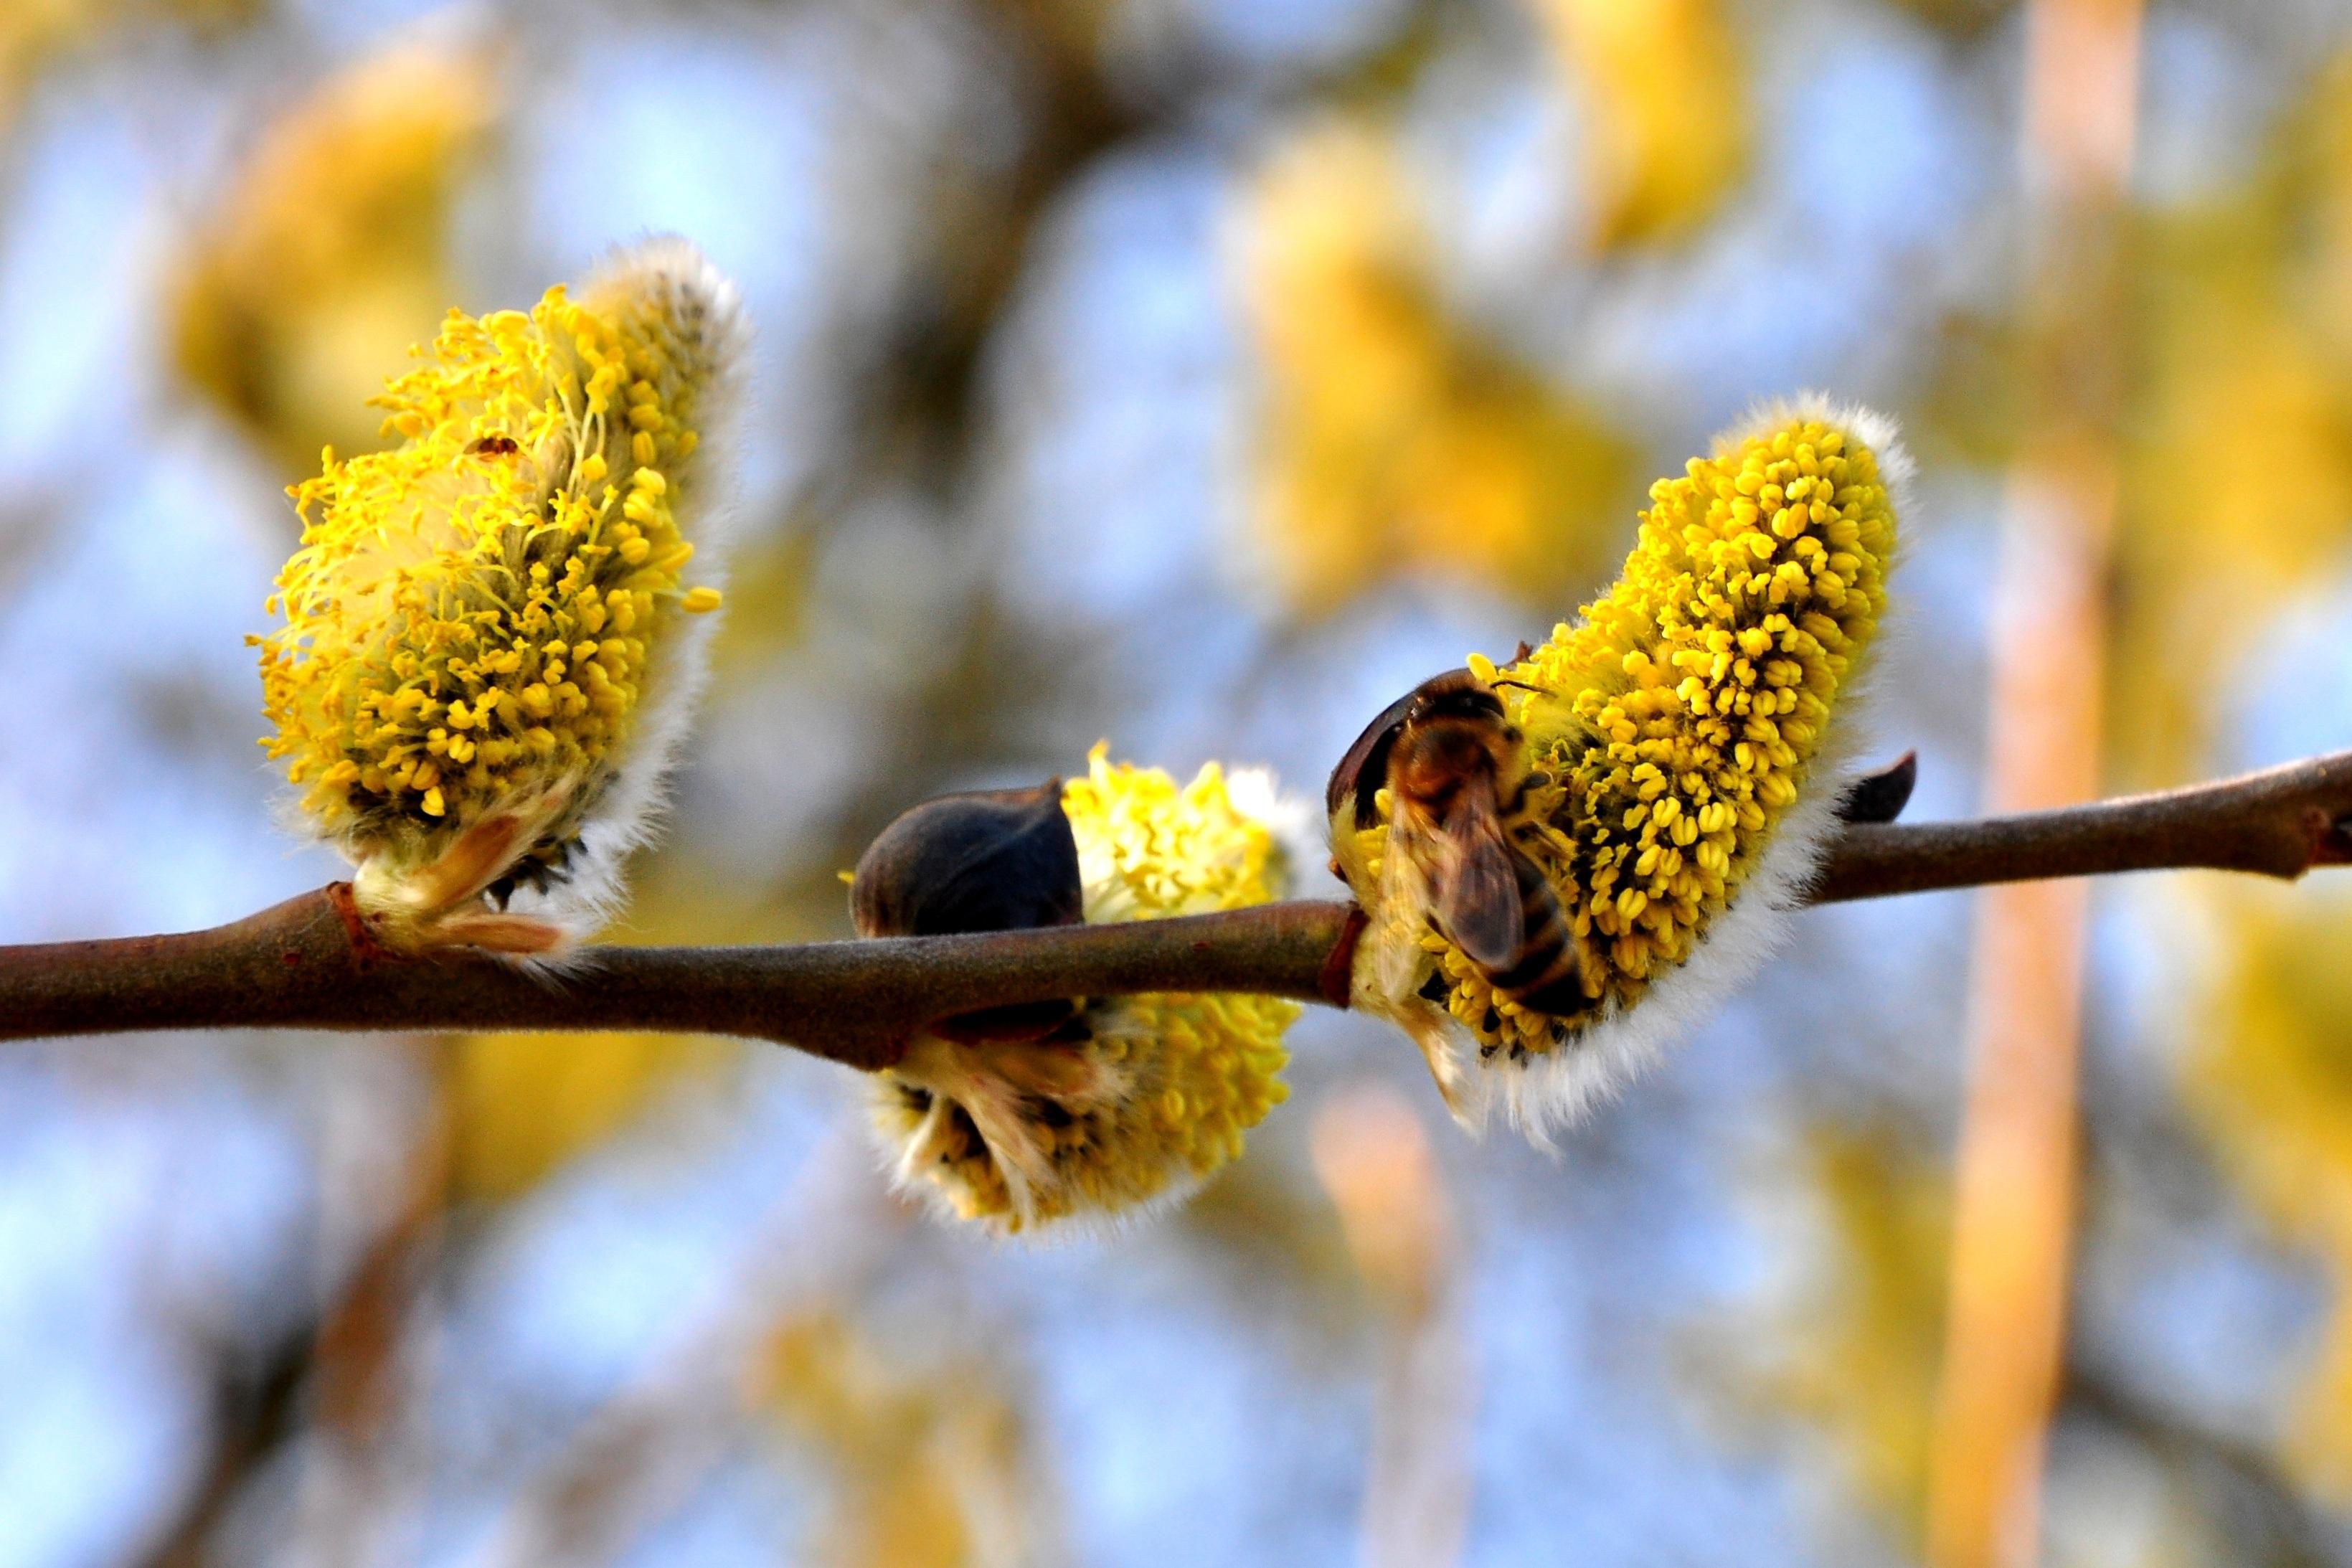 приветливый, березовая пыльца картинки шов можно